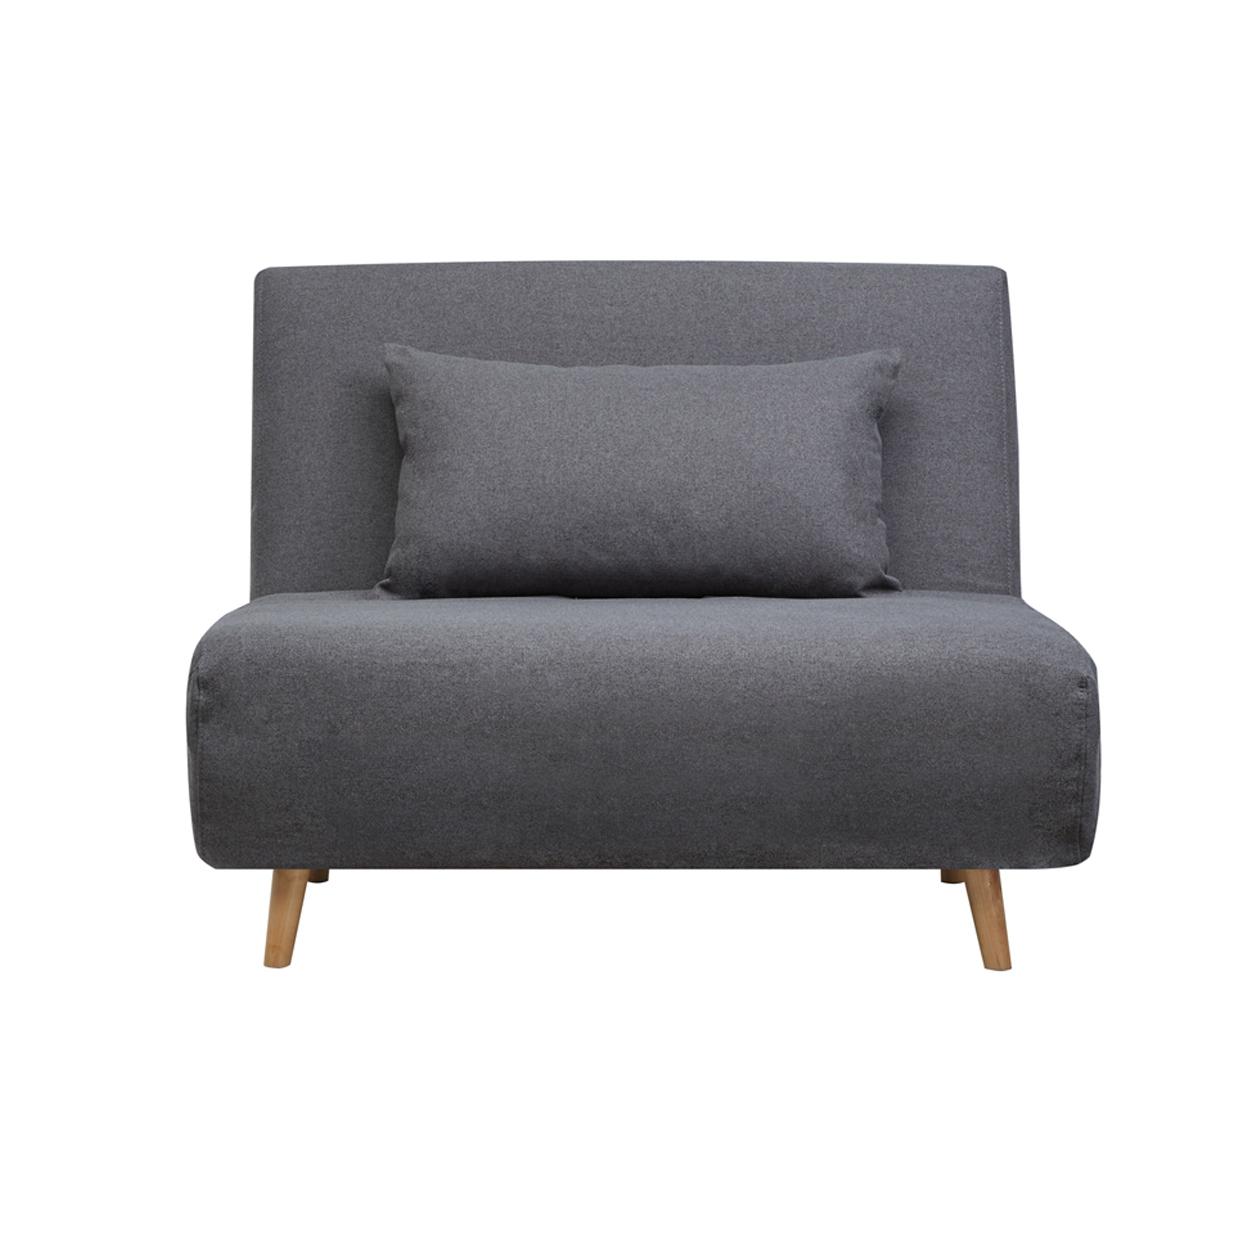 Skien 1 Seater Sofabed Dark Gray